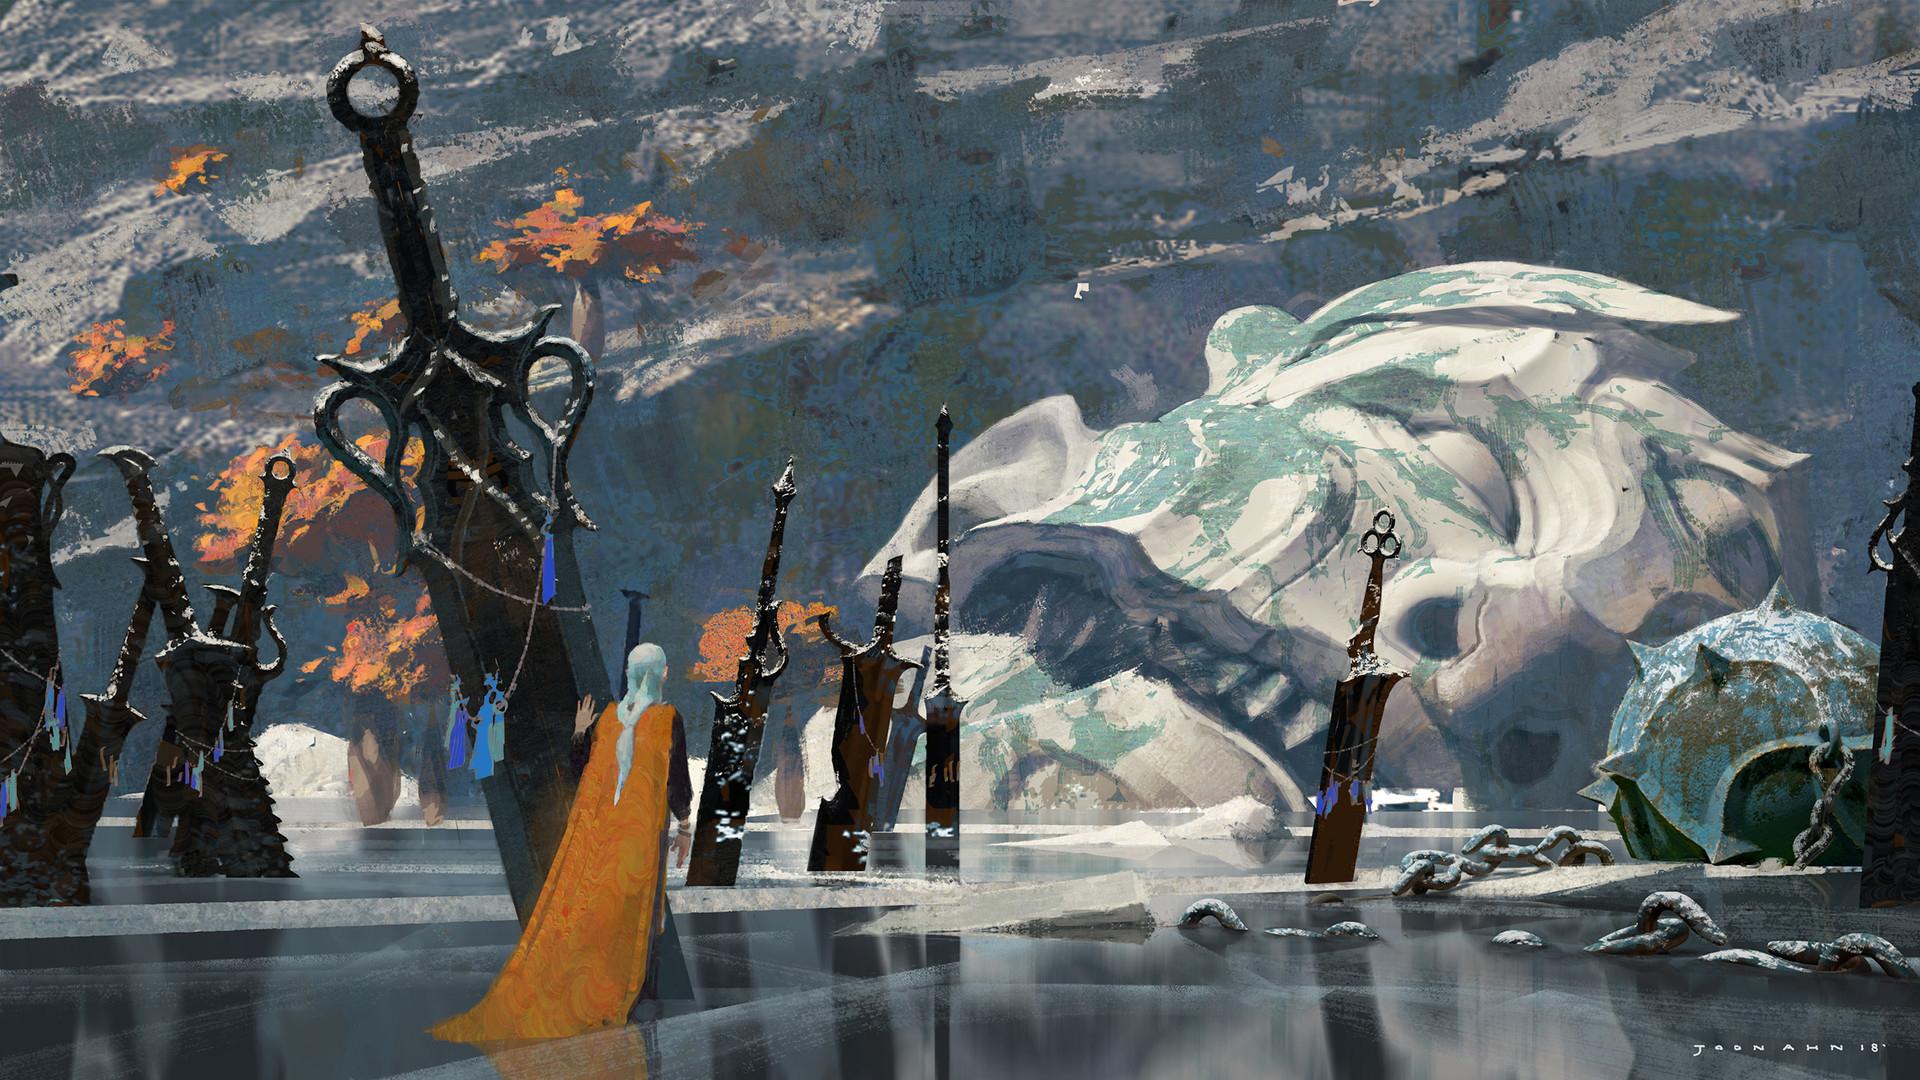 【联盟简史】第14期丨英雄联盟宇宙史(上)—上古蛮荒时代